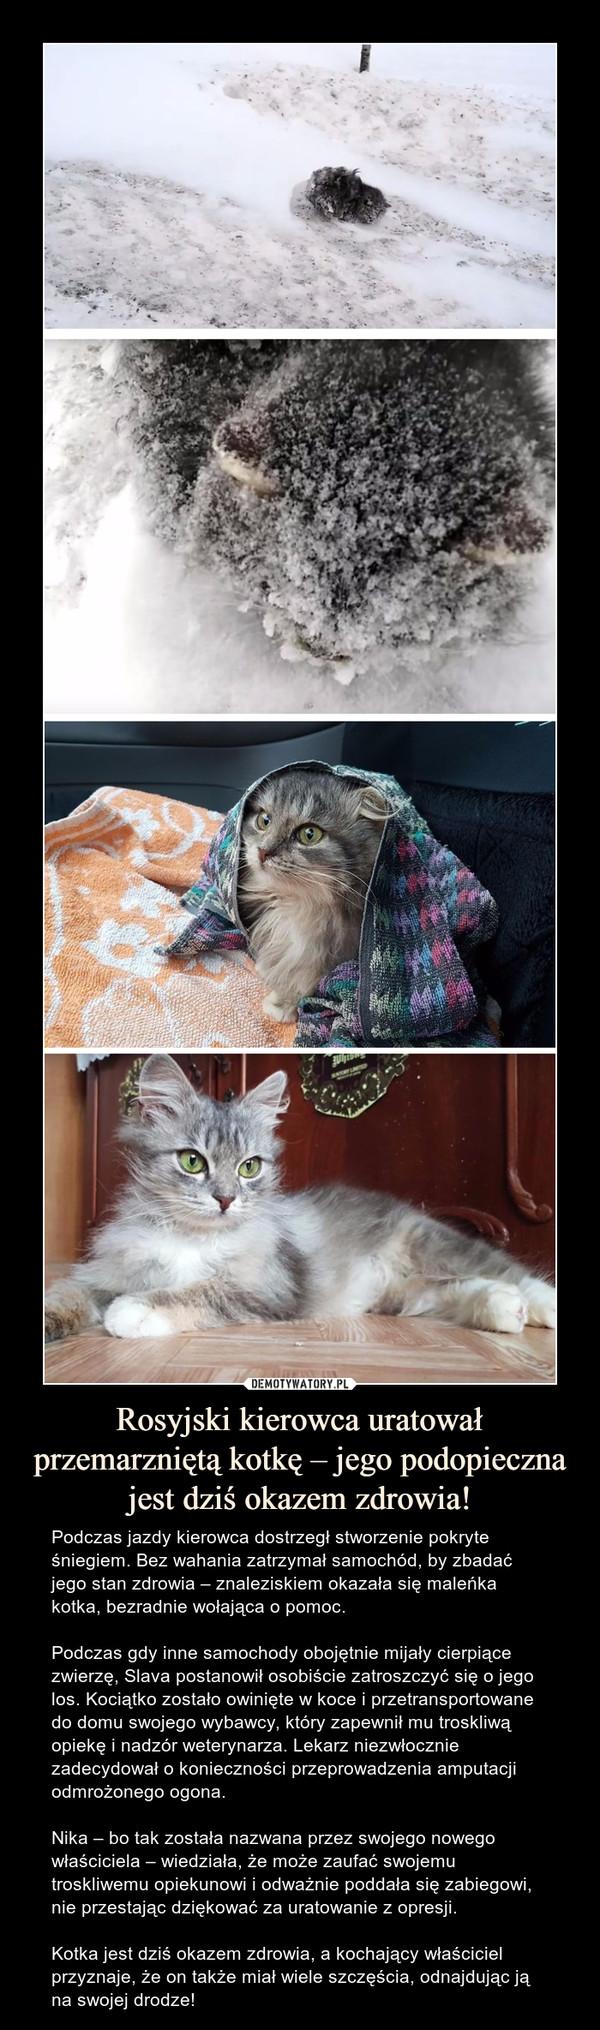 Rosyjski kierowca uratował przemarzniętą kotkę – jego podopieczna jest dziś okazem zdrowia! – Podczas jazdy kierowca dostrzegł stworzenie pokryte śniegiem. Bez wahania zatrzymał samochód, by zbadać jego stan zdrowia – znaleziskiem okazała się maleńka kotka, bezradnie wołająca o pomoc.Podczas gdy inne samochody obojętnie mijały cierpiące zwierzę, Slava postanowił osobiście zatroszczyć się o jego los. Kociątko zostało owinięte w koce i przetransportowane do domu swojego wybawcy, który zapewnił mu troskliwą opiekę i nadzór weterynarza. Lekarz niezwłocznie zadecydował o konieczności przeprowadzenia amputacji odmrożonego ogona.Nika – bo tak została nazwana przez swojego nowego właściciela – wiedziała, że może zaufać swojemu troskliwemu opiekunowi i odważnie poddała się zabiegowi, nie przestając dziękować za uratowanie z opresji.Kotka jest dziś okazem zdrowia, a kochający właściciel przyznaje, że on także miał wiele szczęścia, odnajdując ją na swojej drodze!